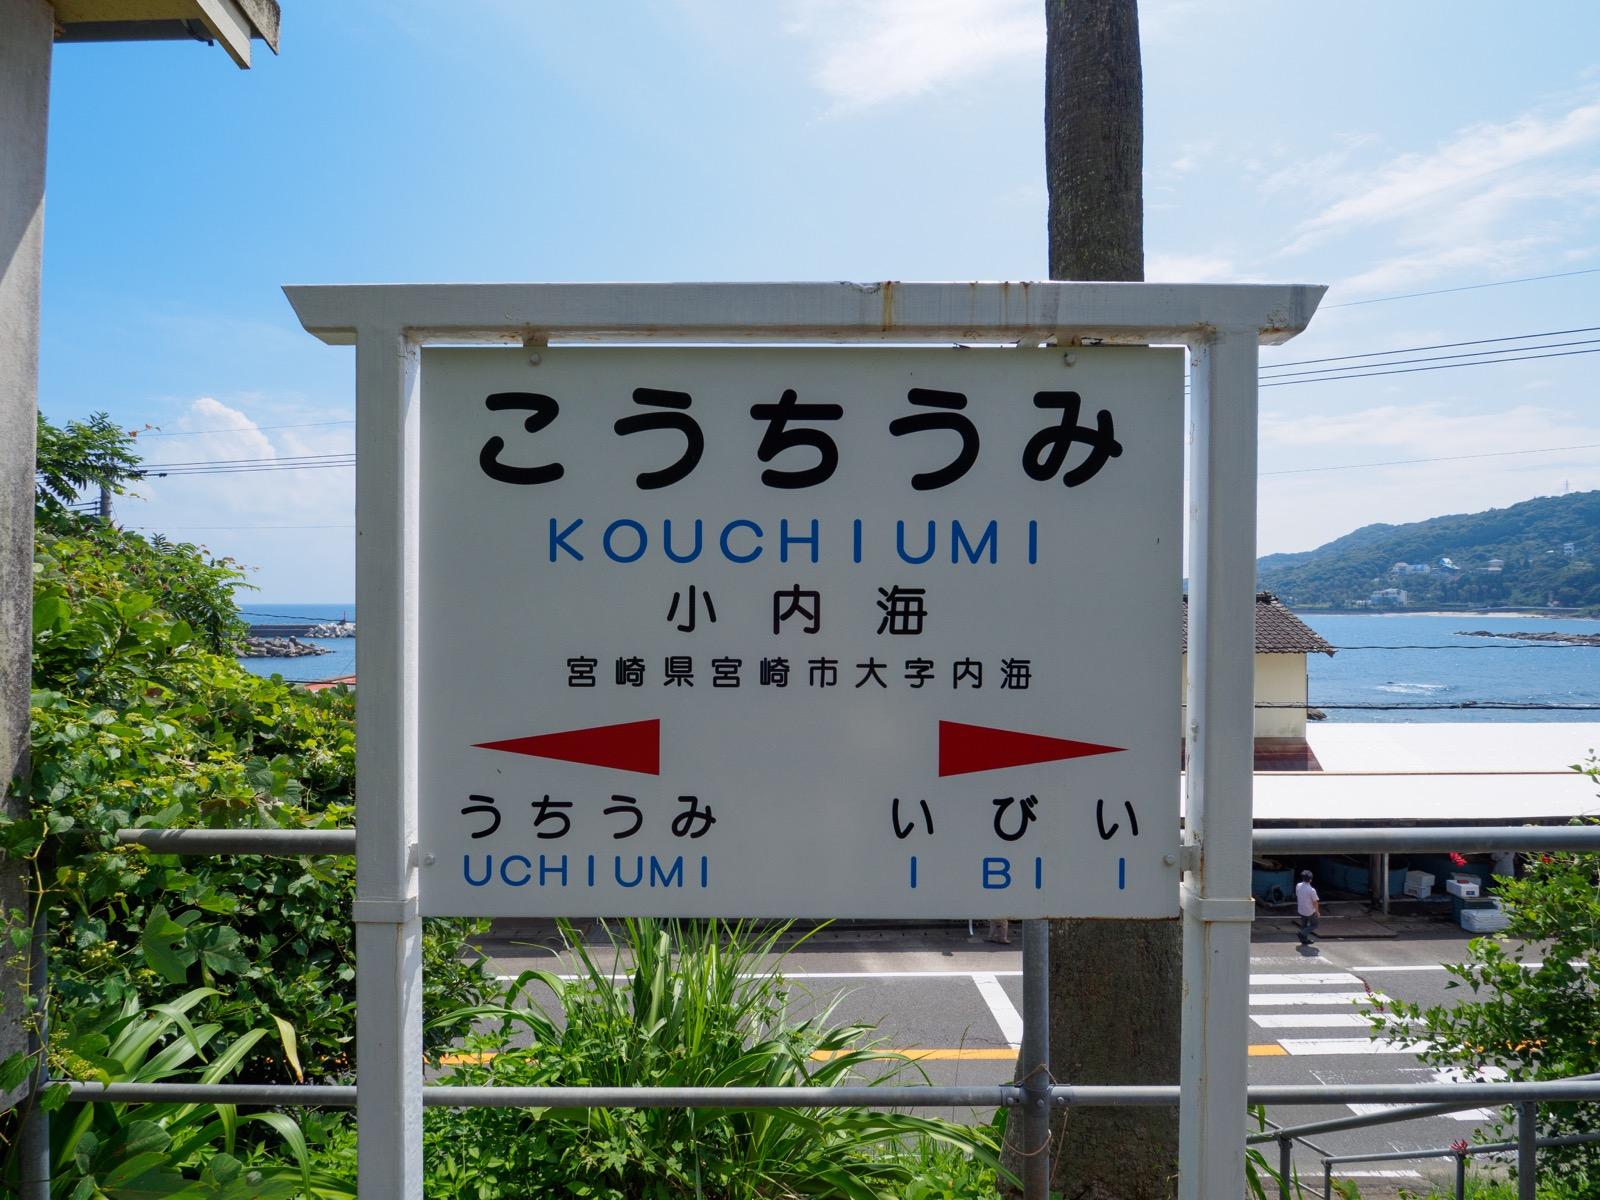 小内海駅の駅名標と海